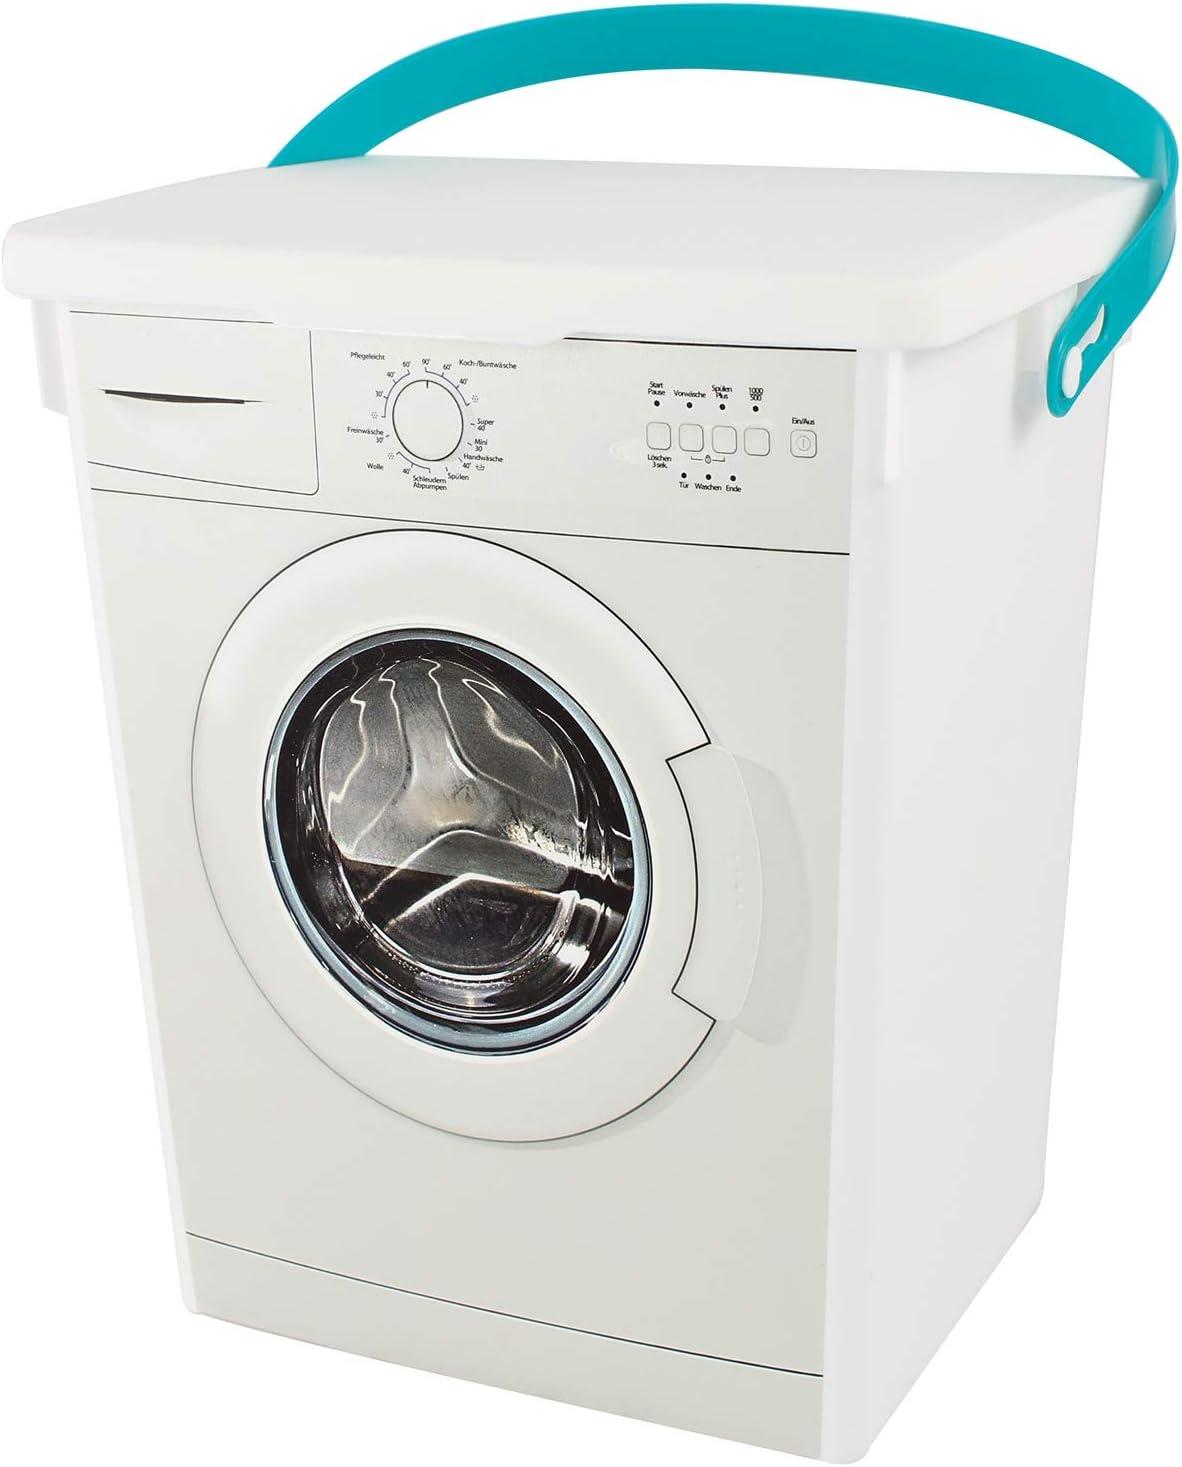 Caja Contenedor Caja de detergente Pinzas de ropa de caja animal Forro Cubo Caja de 5 l): Amazon.es: Hogar